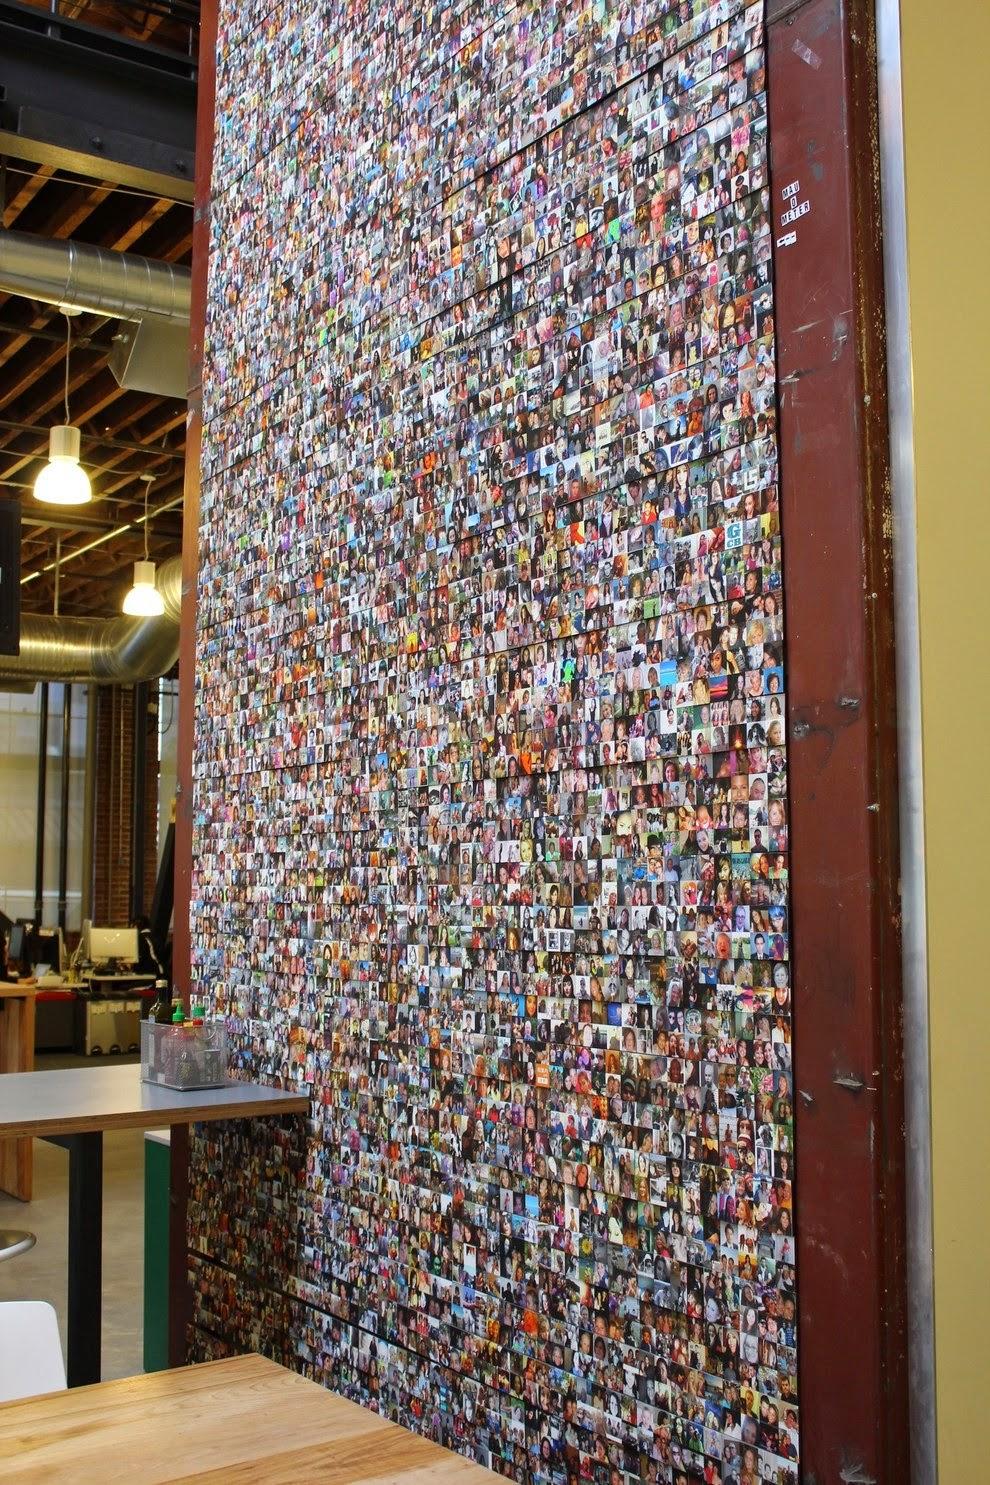 renovasi-bangunan-gudang-interior-kantor-pinterest.com-dinamis-ruang dan rumahku-029